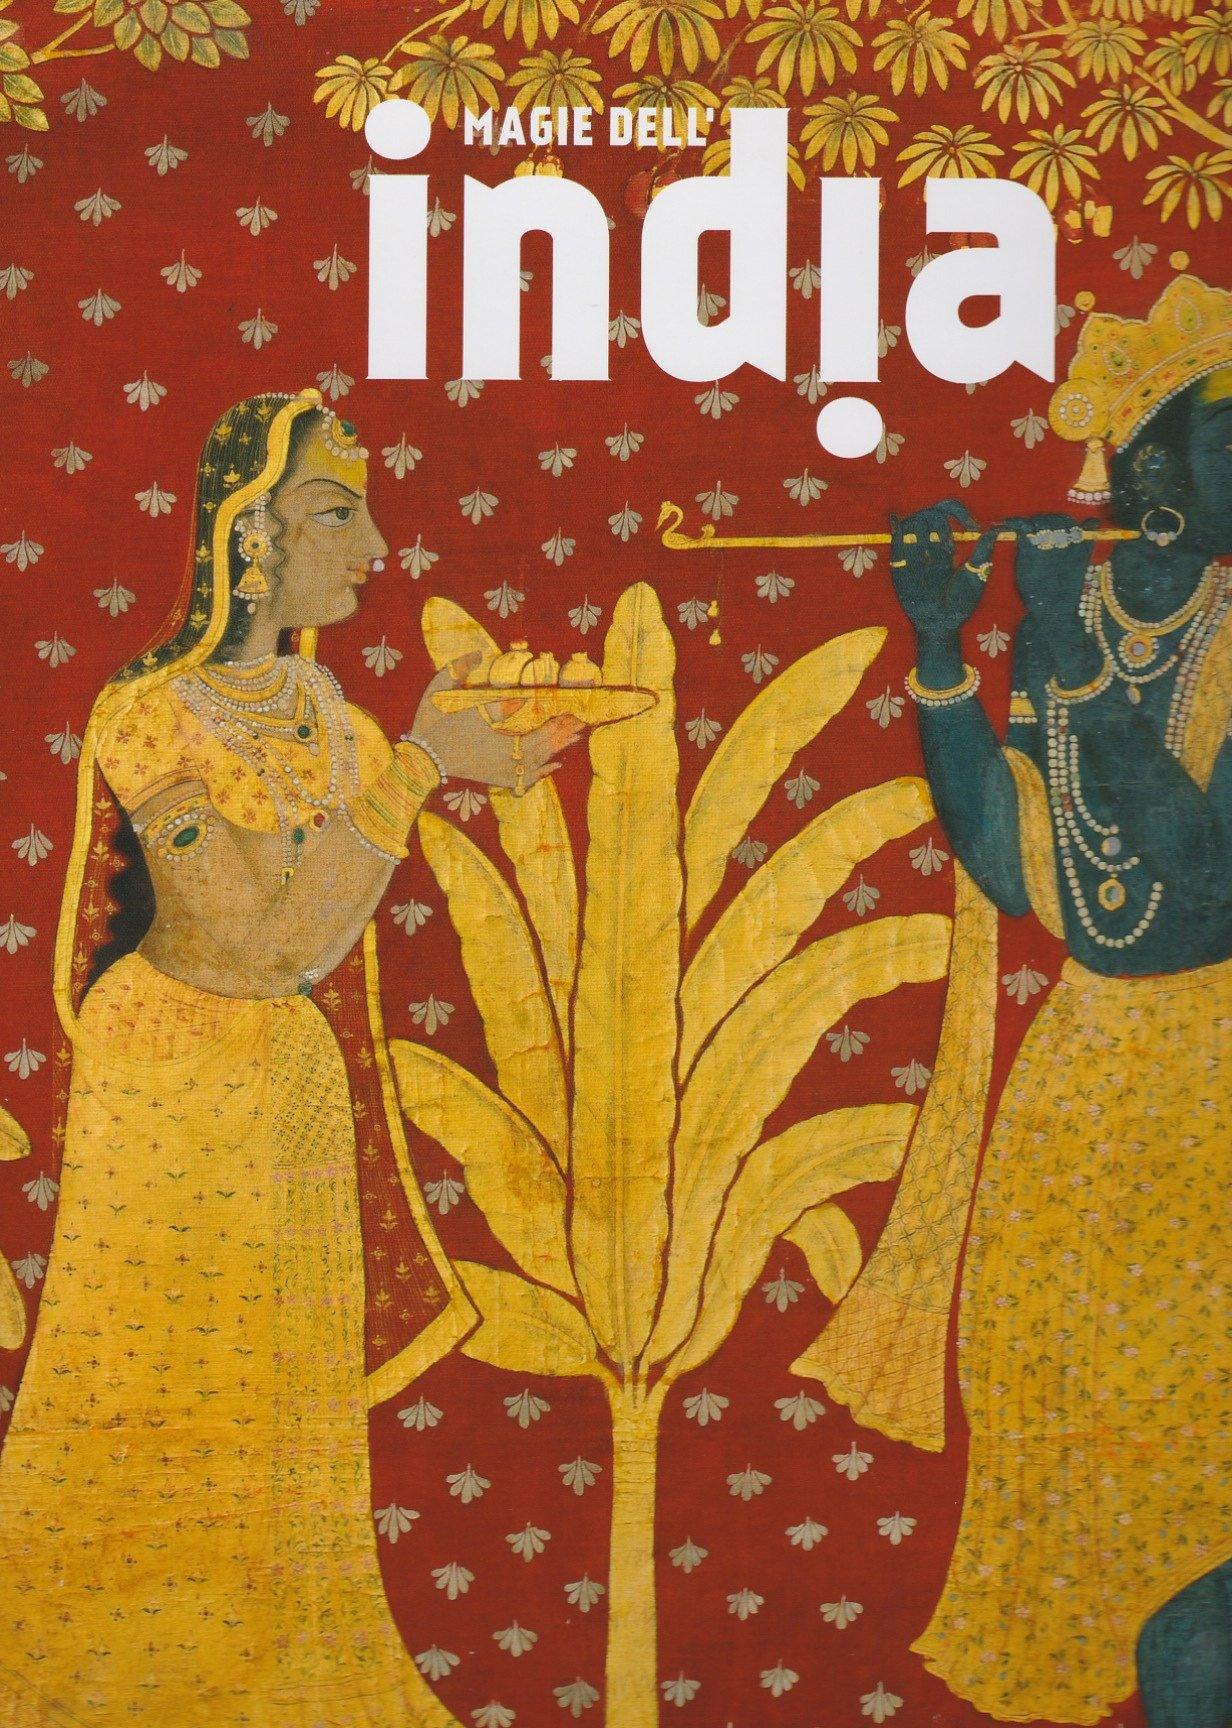 Magie dell'India